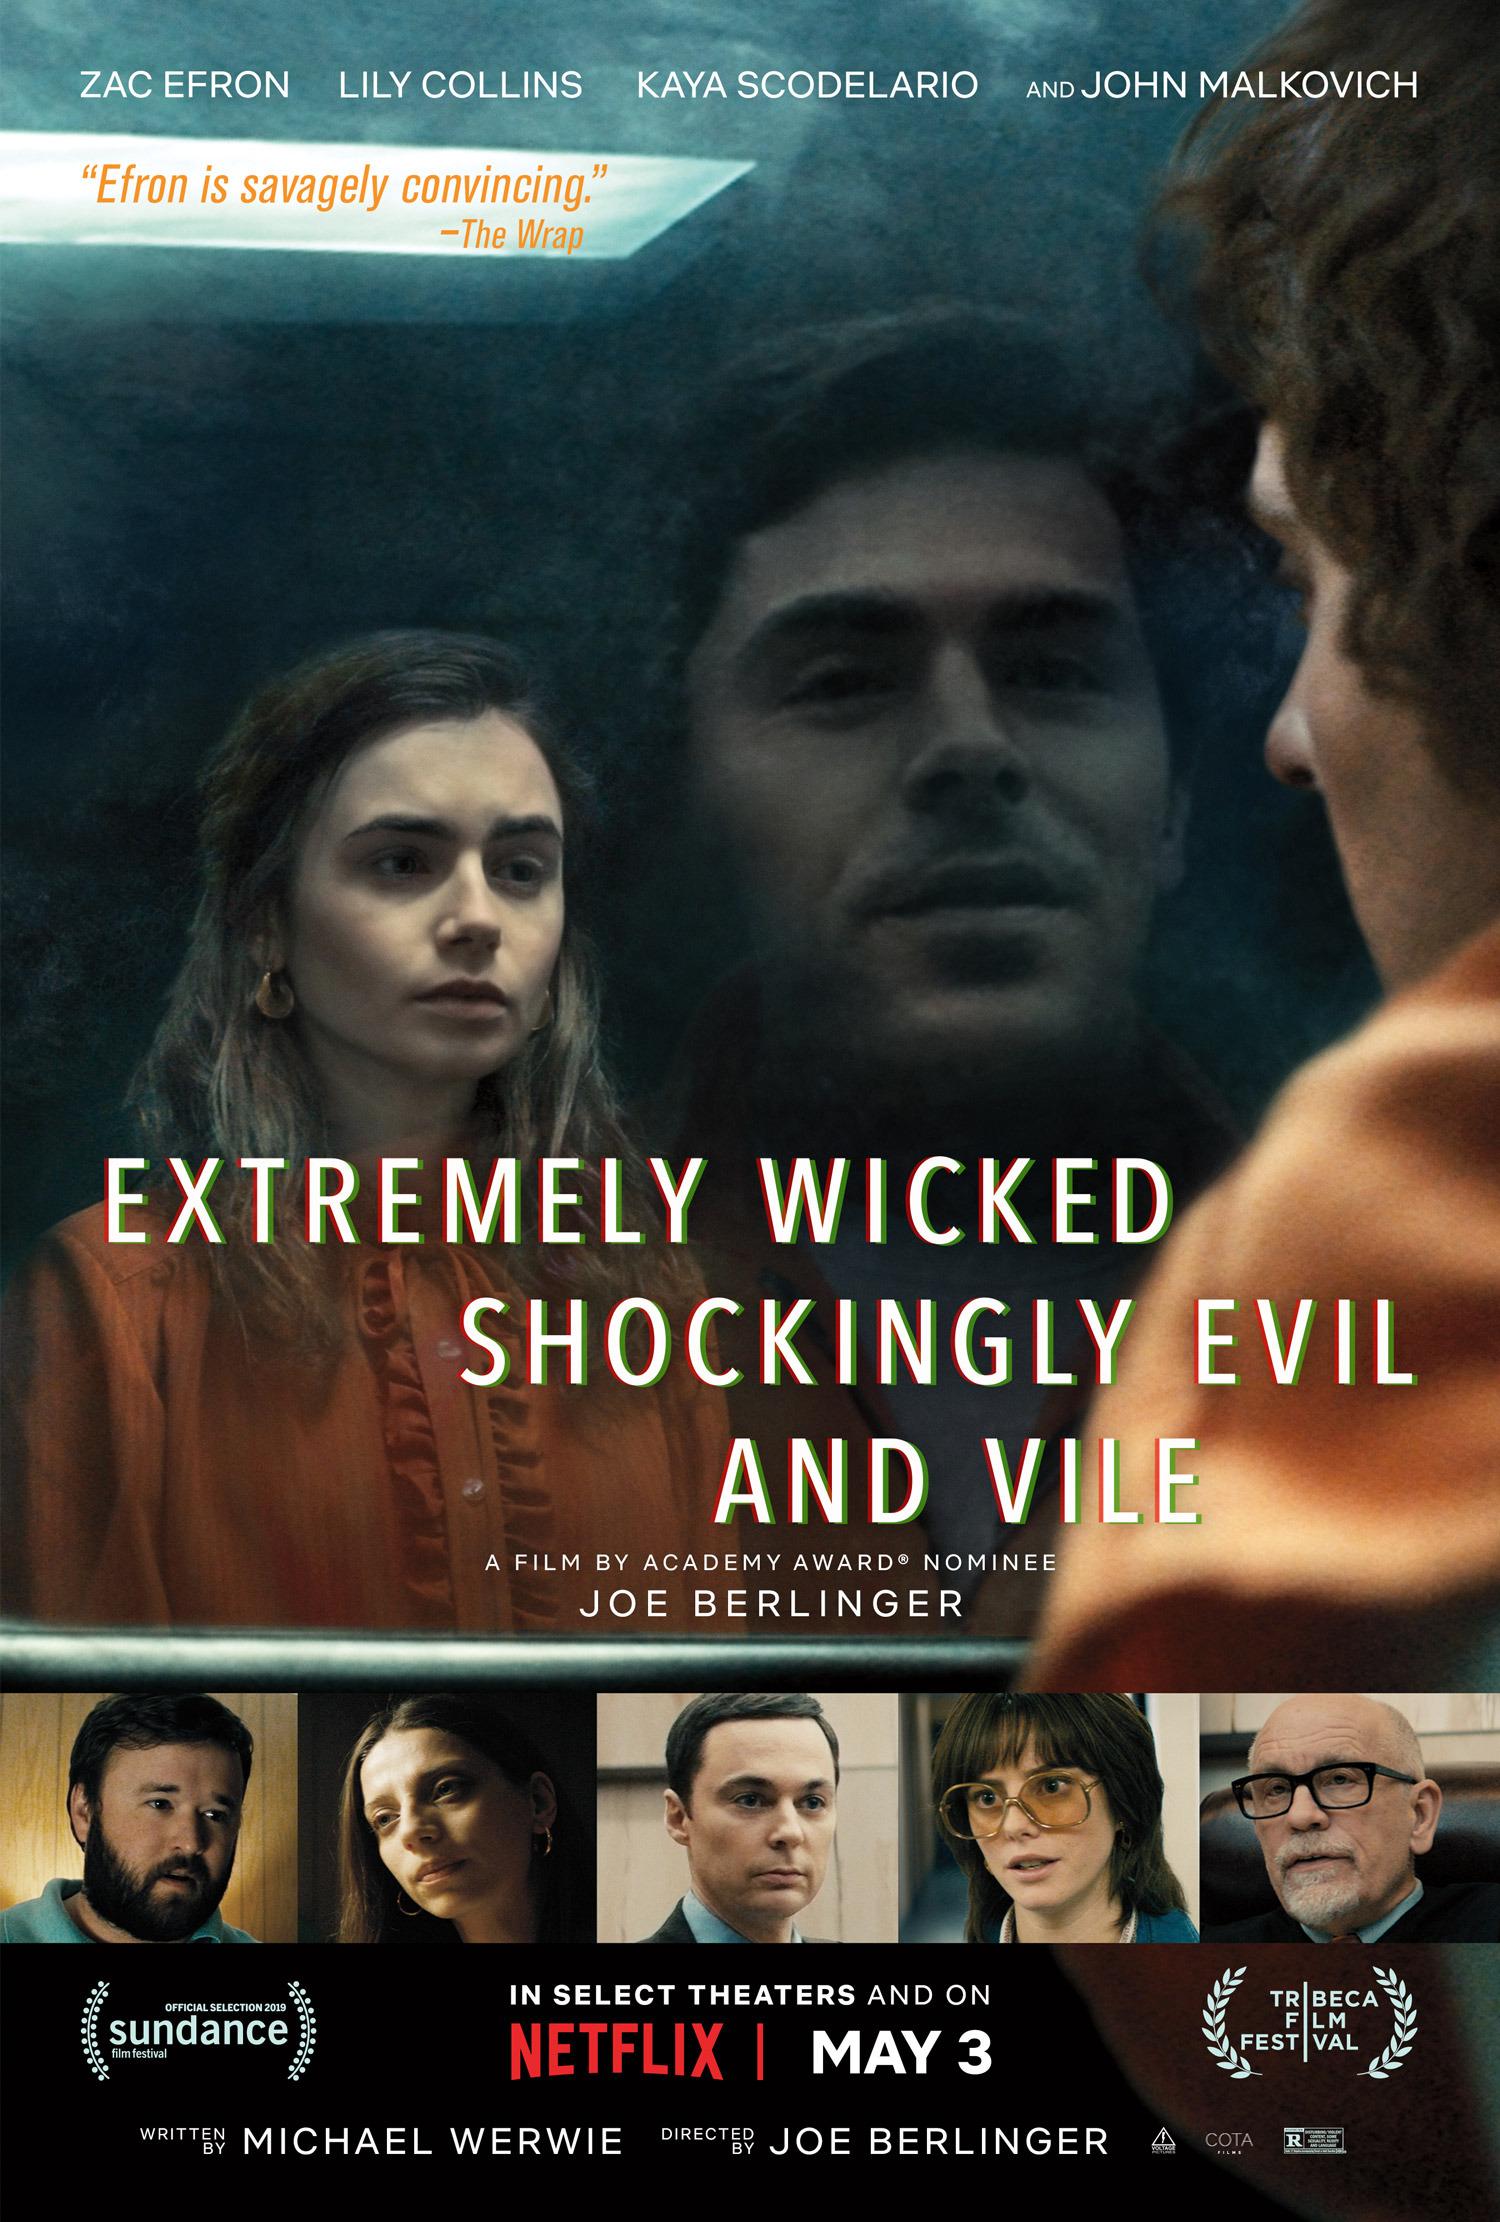 szmk_extremely_wicked_shockingly_evil_and_vile_atkozottul_veszett_sokkoloan_gonosz_es_hivtvany_ted_bundy_1.jpg